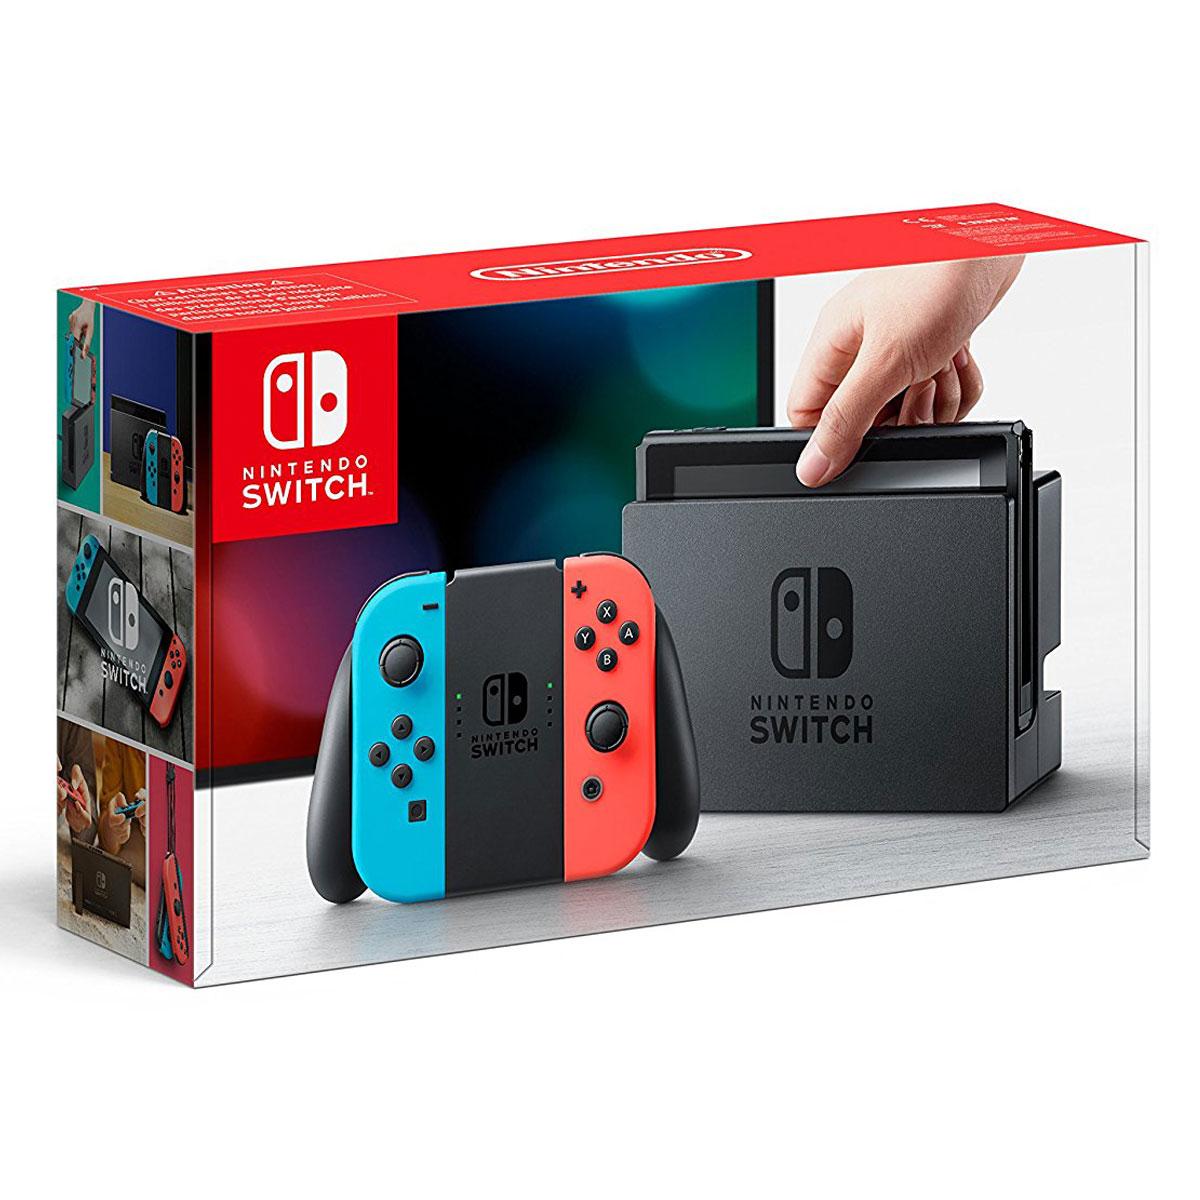 Console Nintendo Switch Nintendo Switch + Joy-Con droit (rouge) et gauche (bleu) Console de jeux-vidéo hybride salon / portable